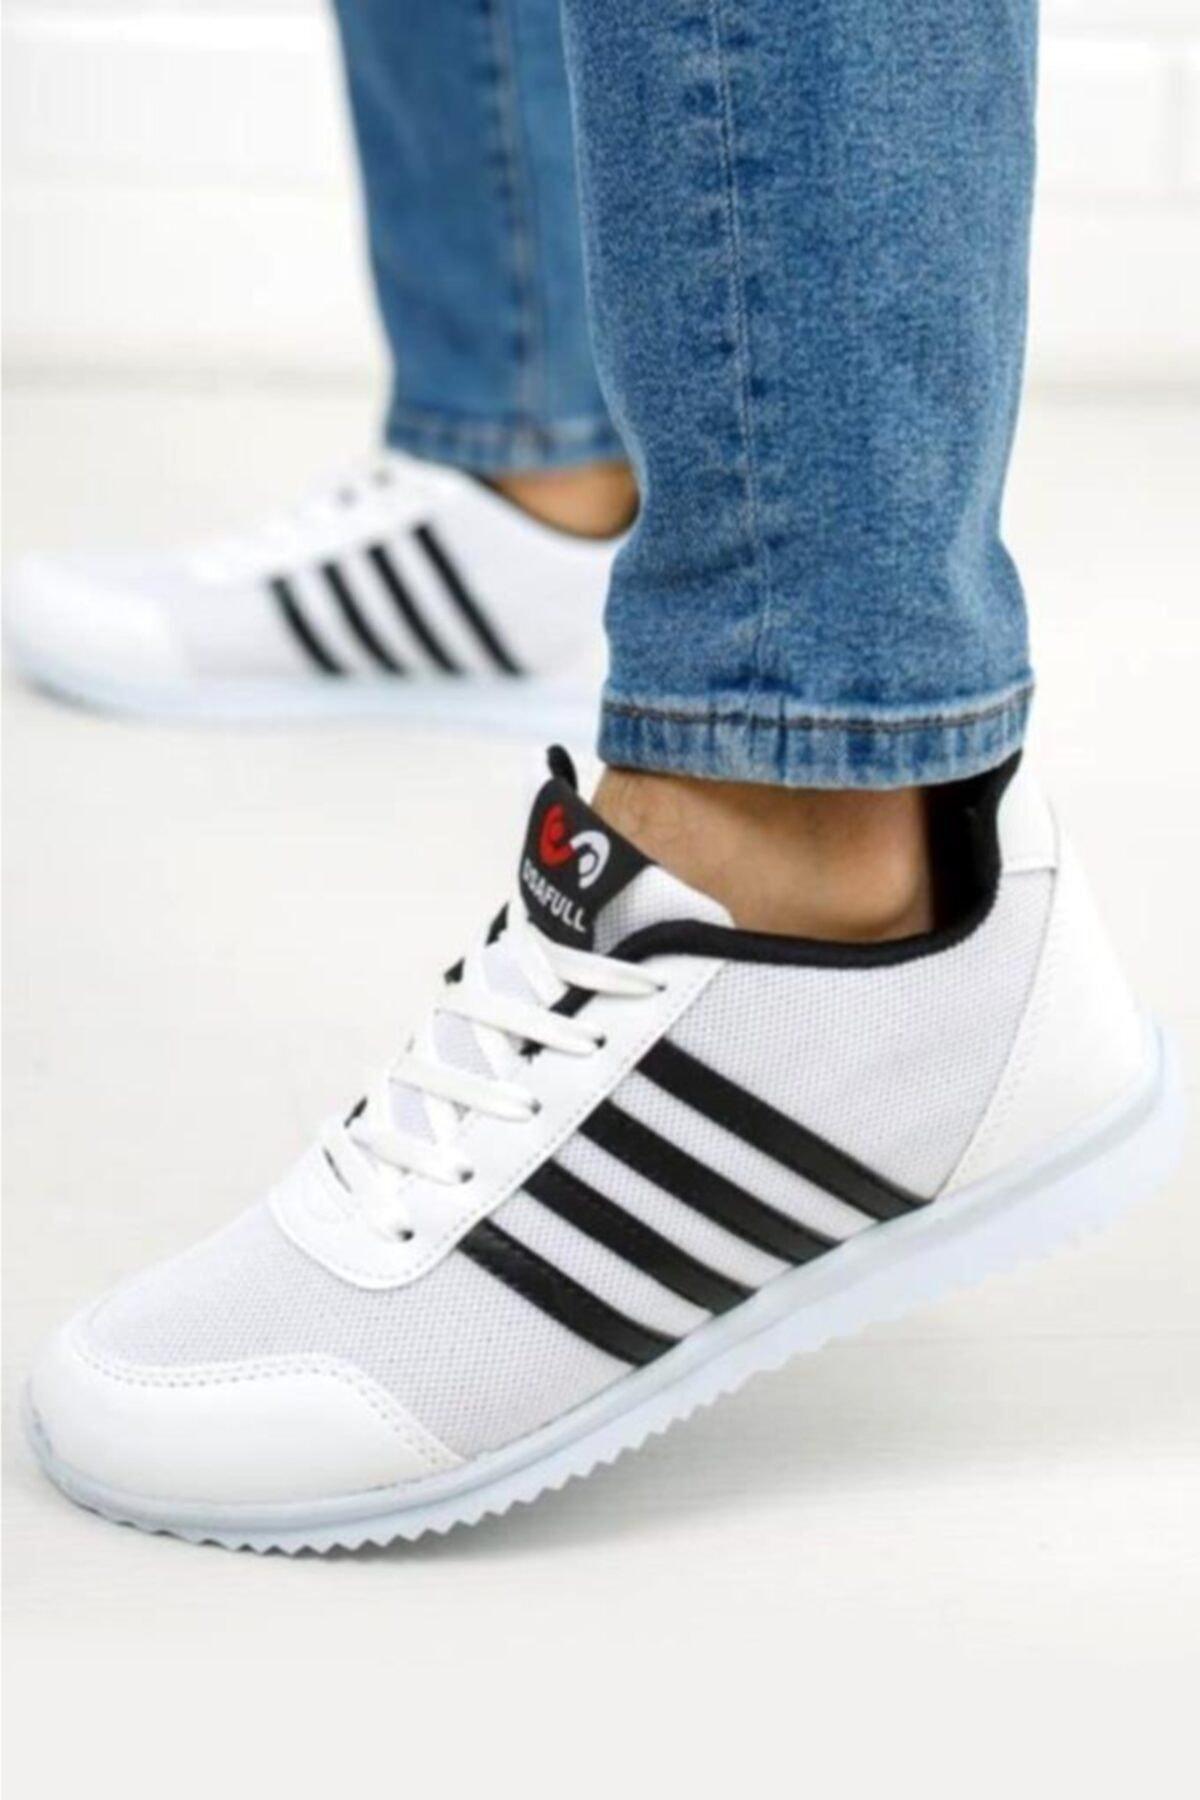 Moda Frato Rc-13 4 Unisex Beyaz Bantlı Spor Ayakkabı 1